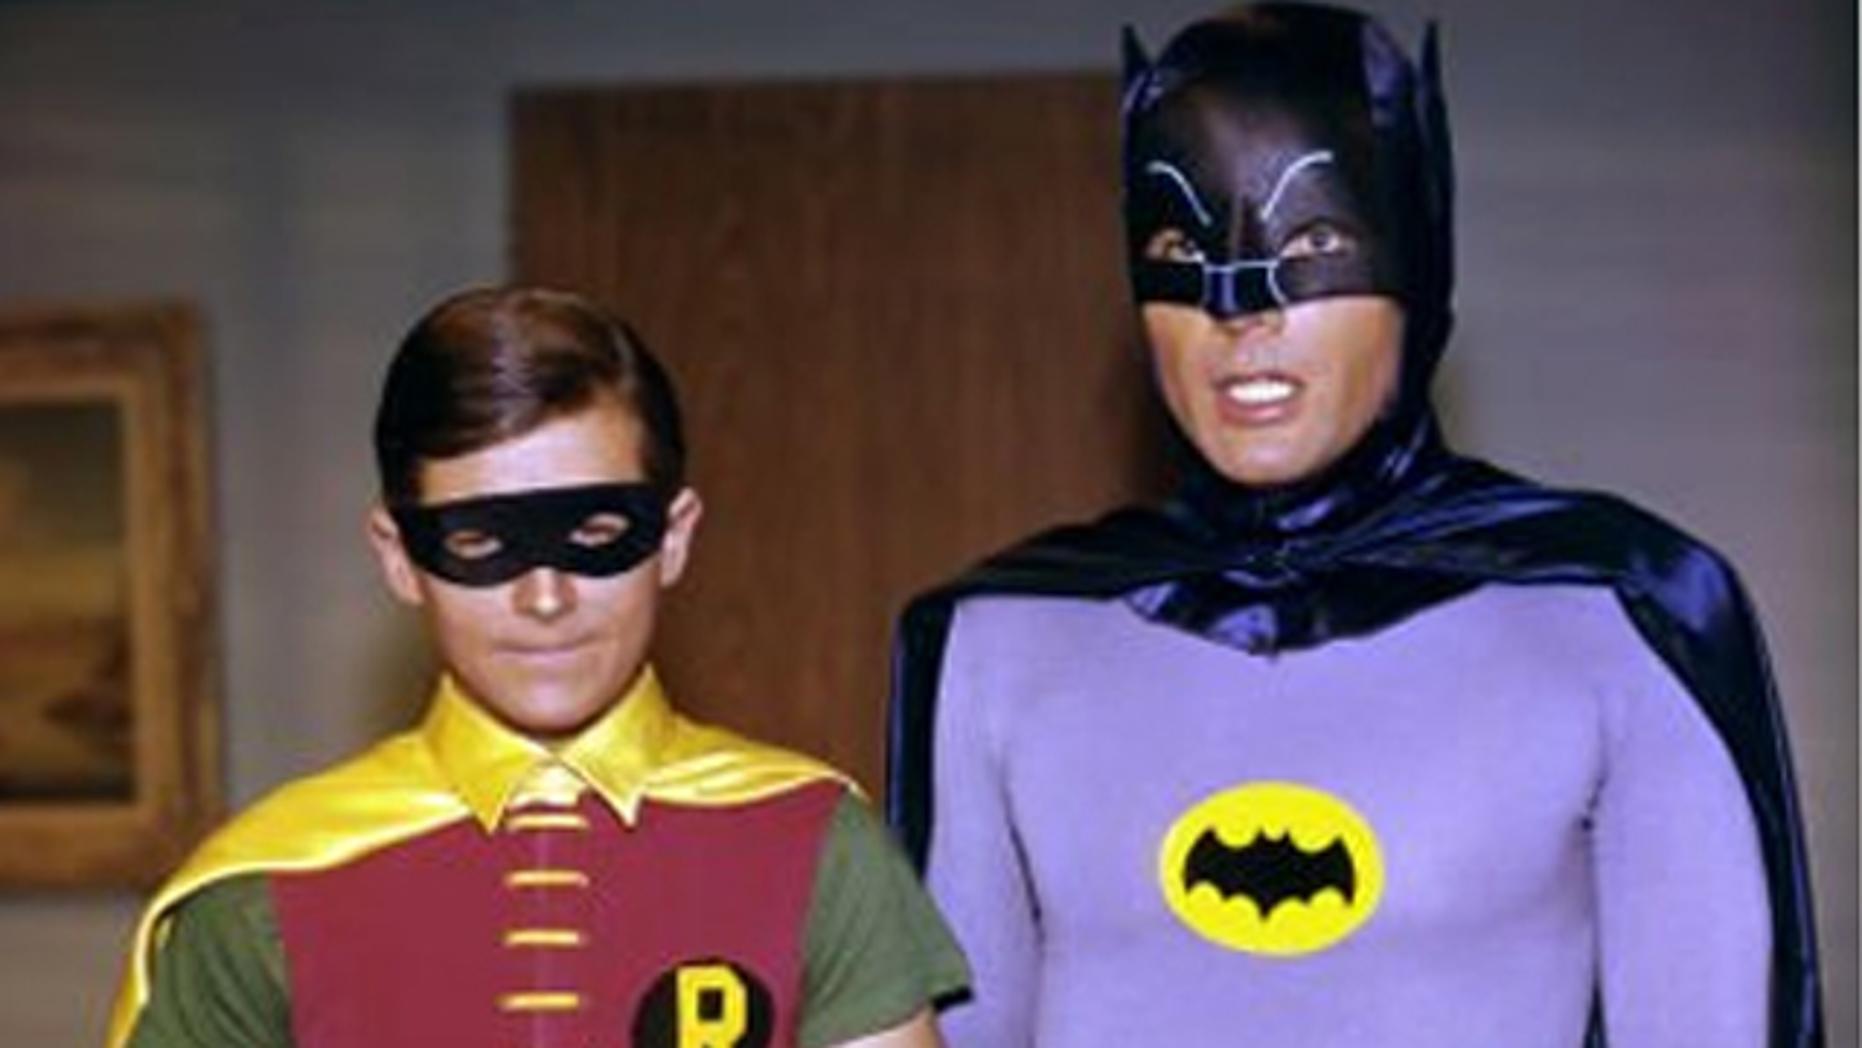 Robin and Batman.